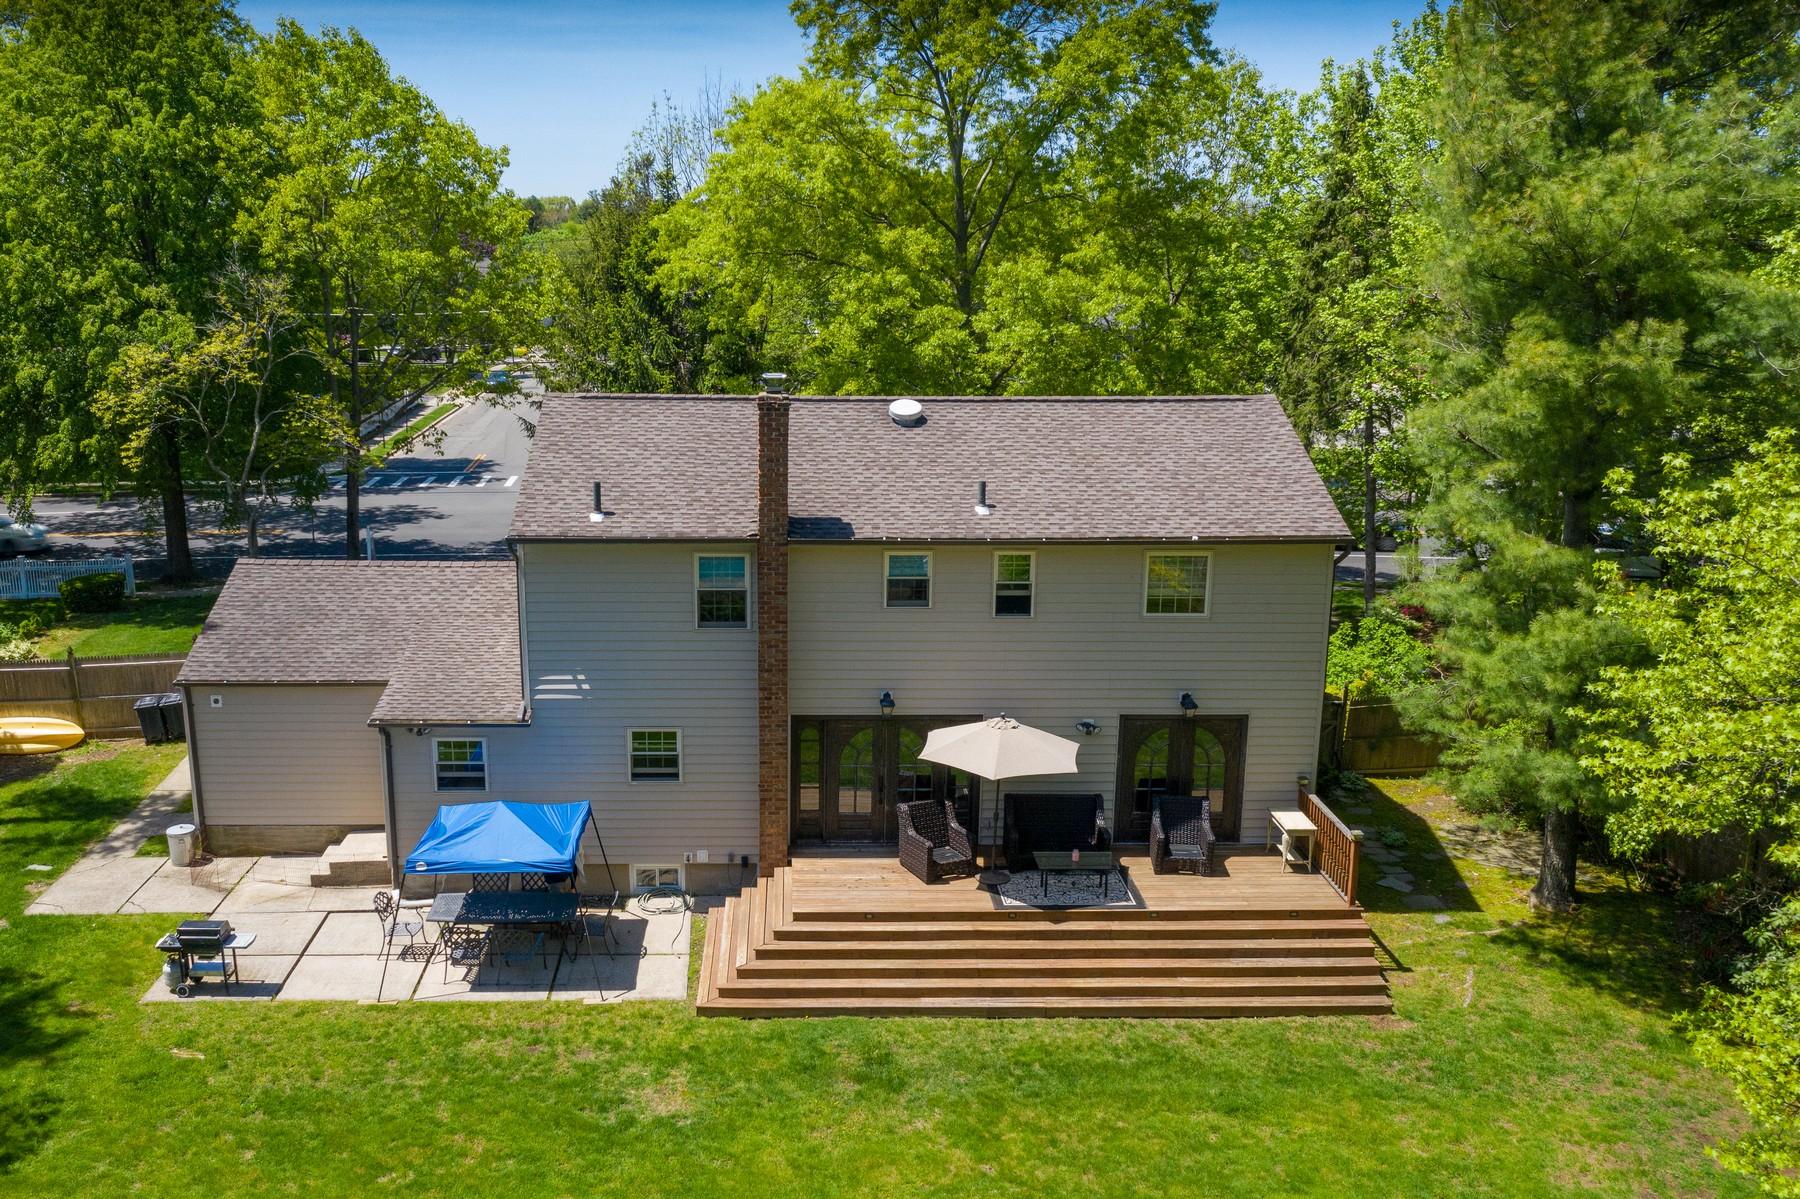 Single Family Homes für Verkauf beim Syosset 184 Cold Spring Road Rd, Syosset, New York 11791 Vereinigte Staaten